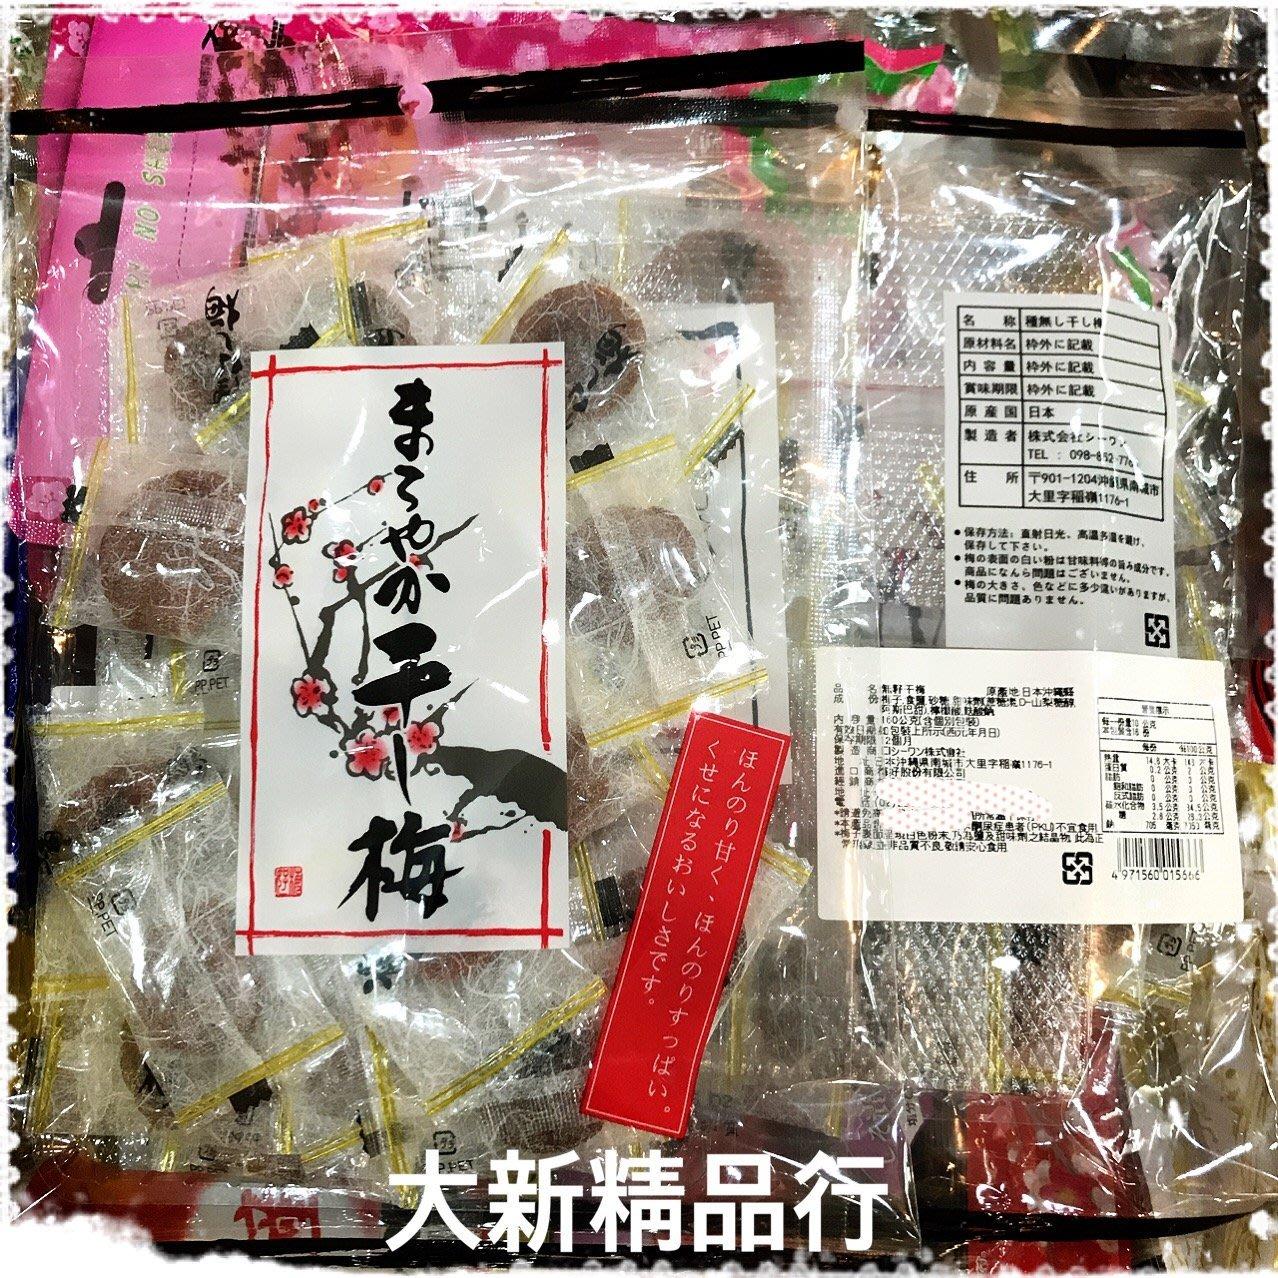 [三鳳中街]  干梅  日本進口  無籽干梅  (日本無籽梅干) 熱銷商品